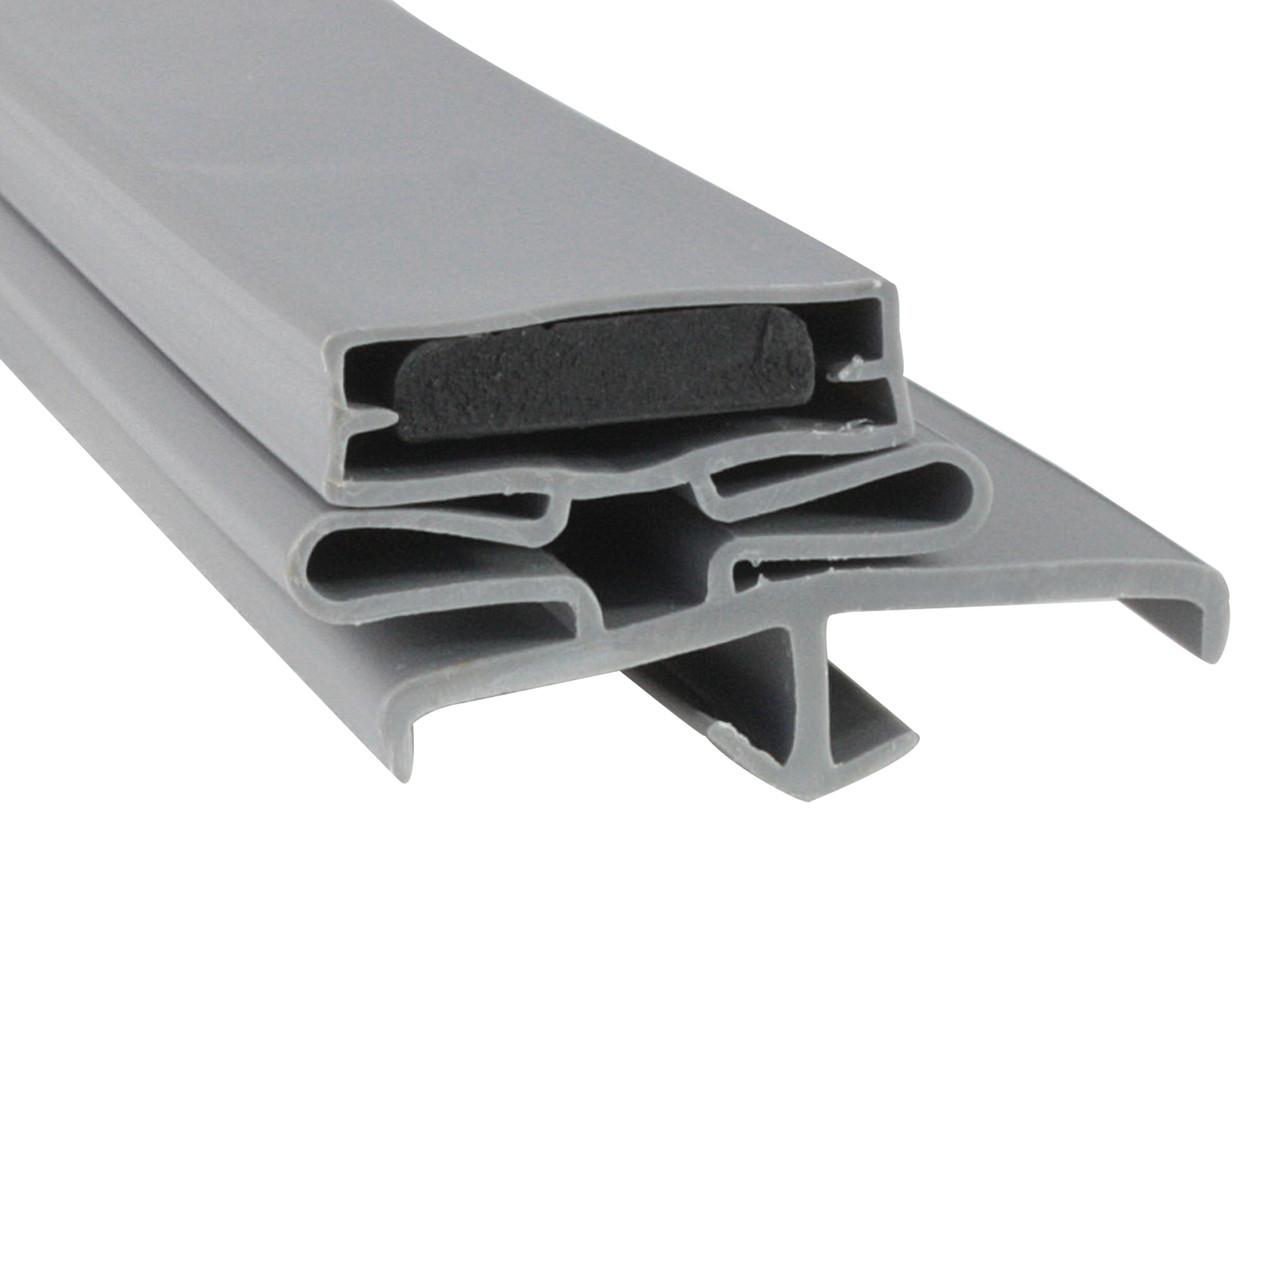 Kairak Door Gasket Profile 168 18 1/8 x 20 1/2 -1